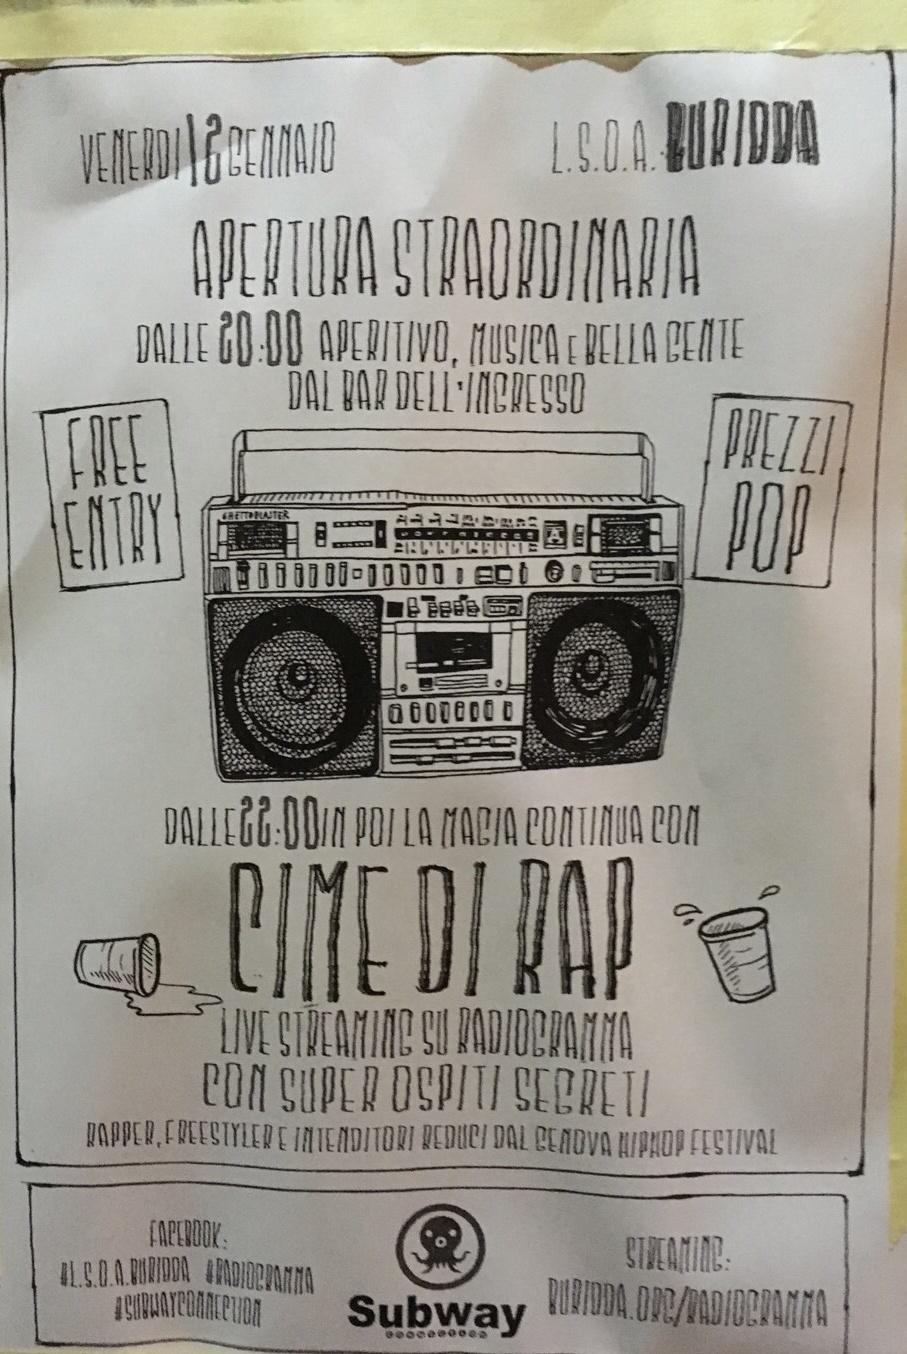 Cime di Rap Radio Night Live LSOA Buridda Corso Monte Grappa 39, 16137 Genova Dal 12/01/2018 Al 12/01/2018 20:00 - 03:00